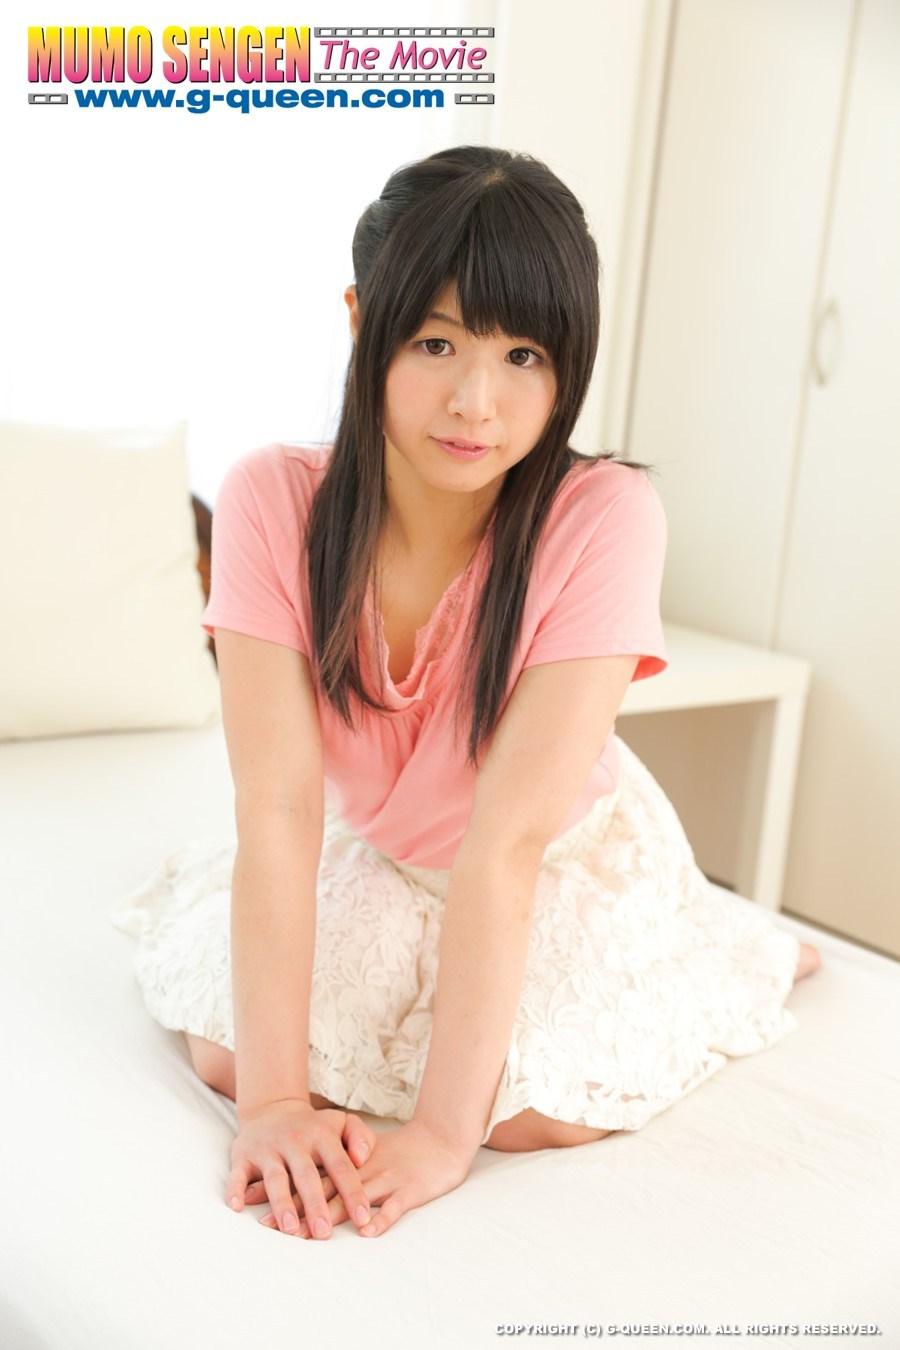 japan teen nude amp russian teen nude